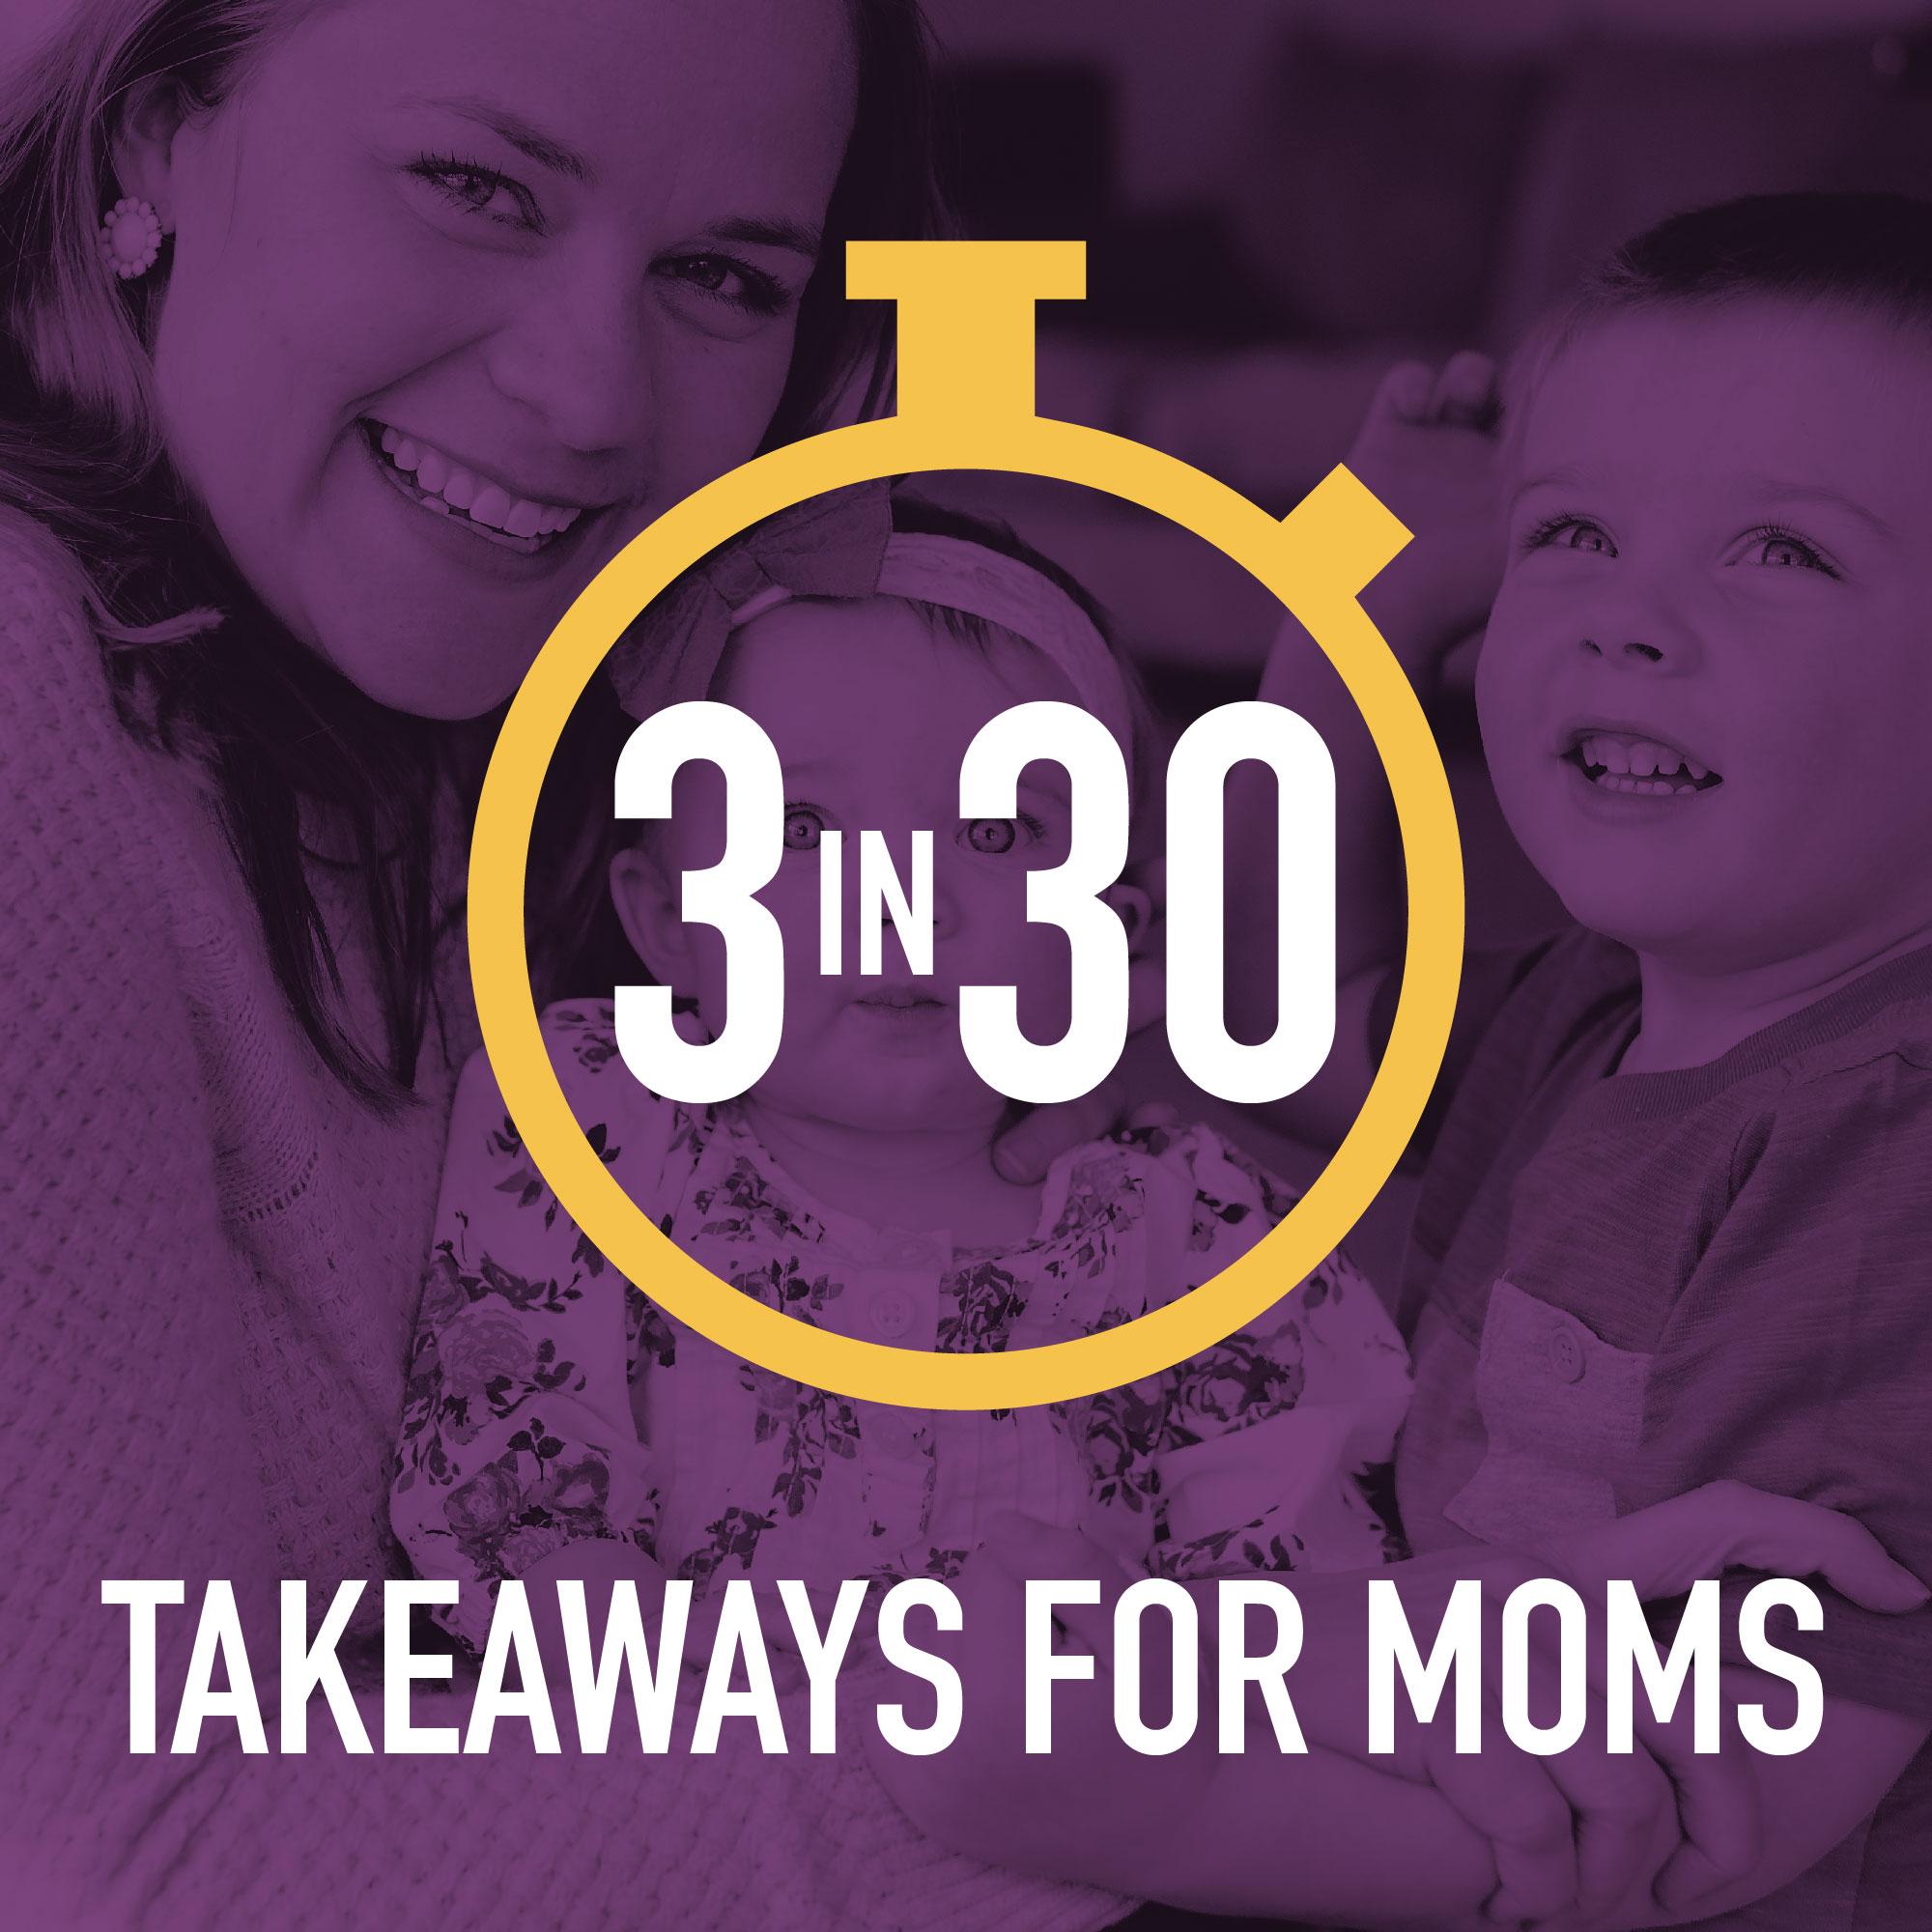 3 in 30 Takeaways for Moms